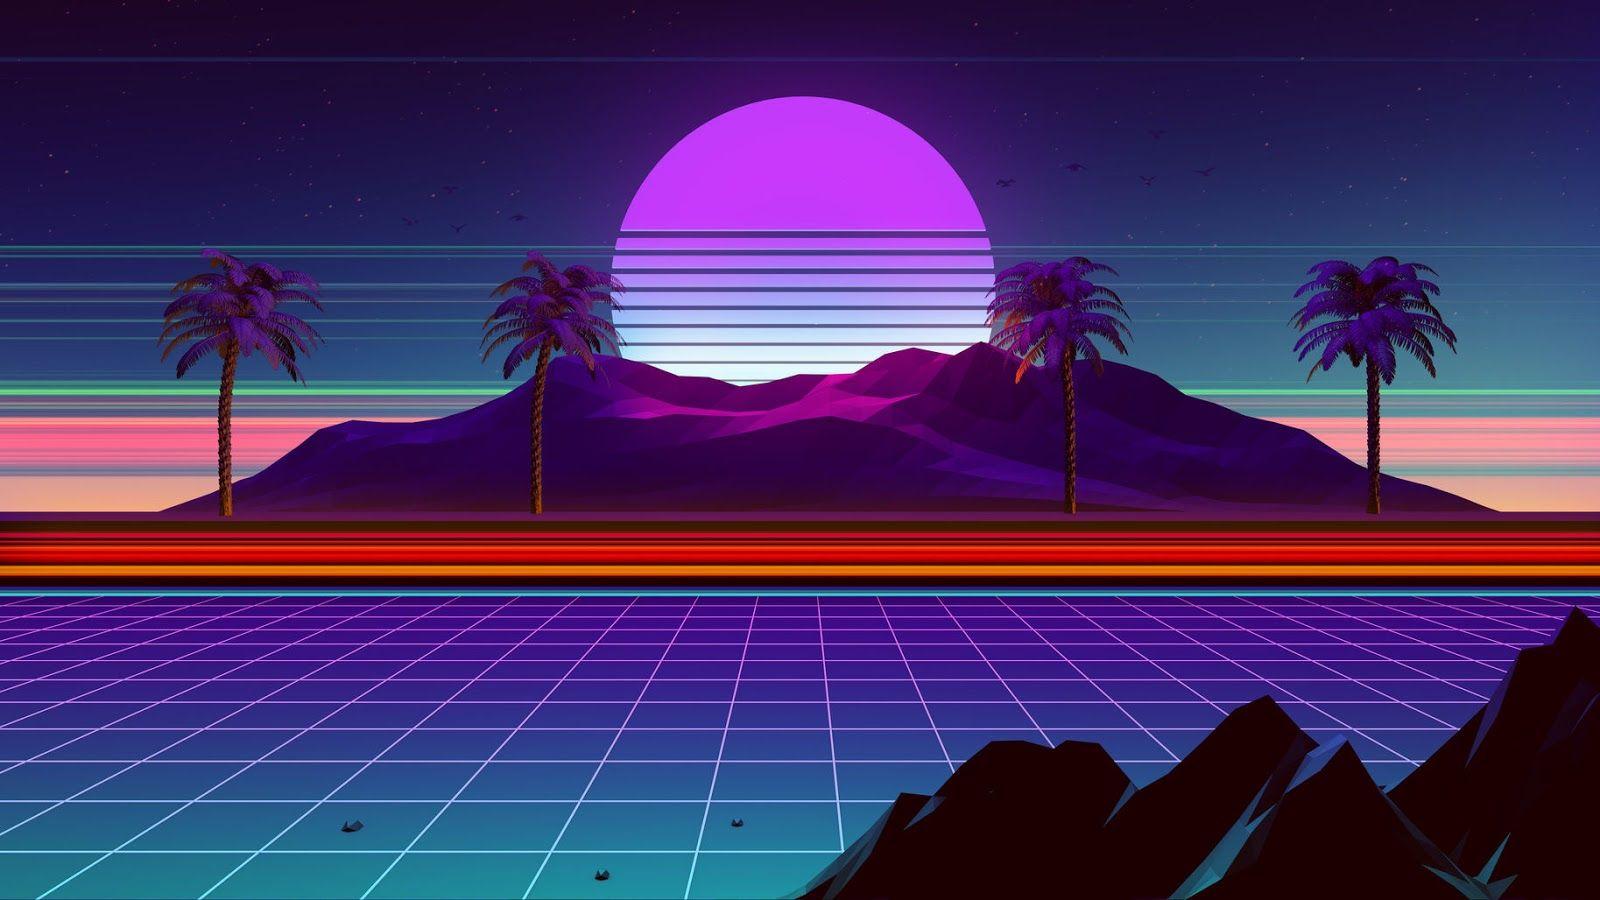 2020 Design Trends Merge Creativity With Tech 123rf Vaporwave Wallpaper Retrowave Wallpaper Desktop Wallpaper Art